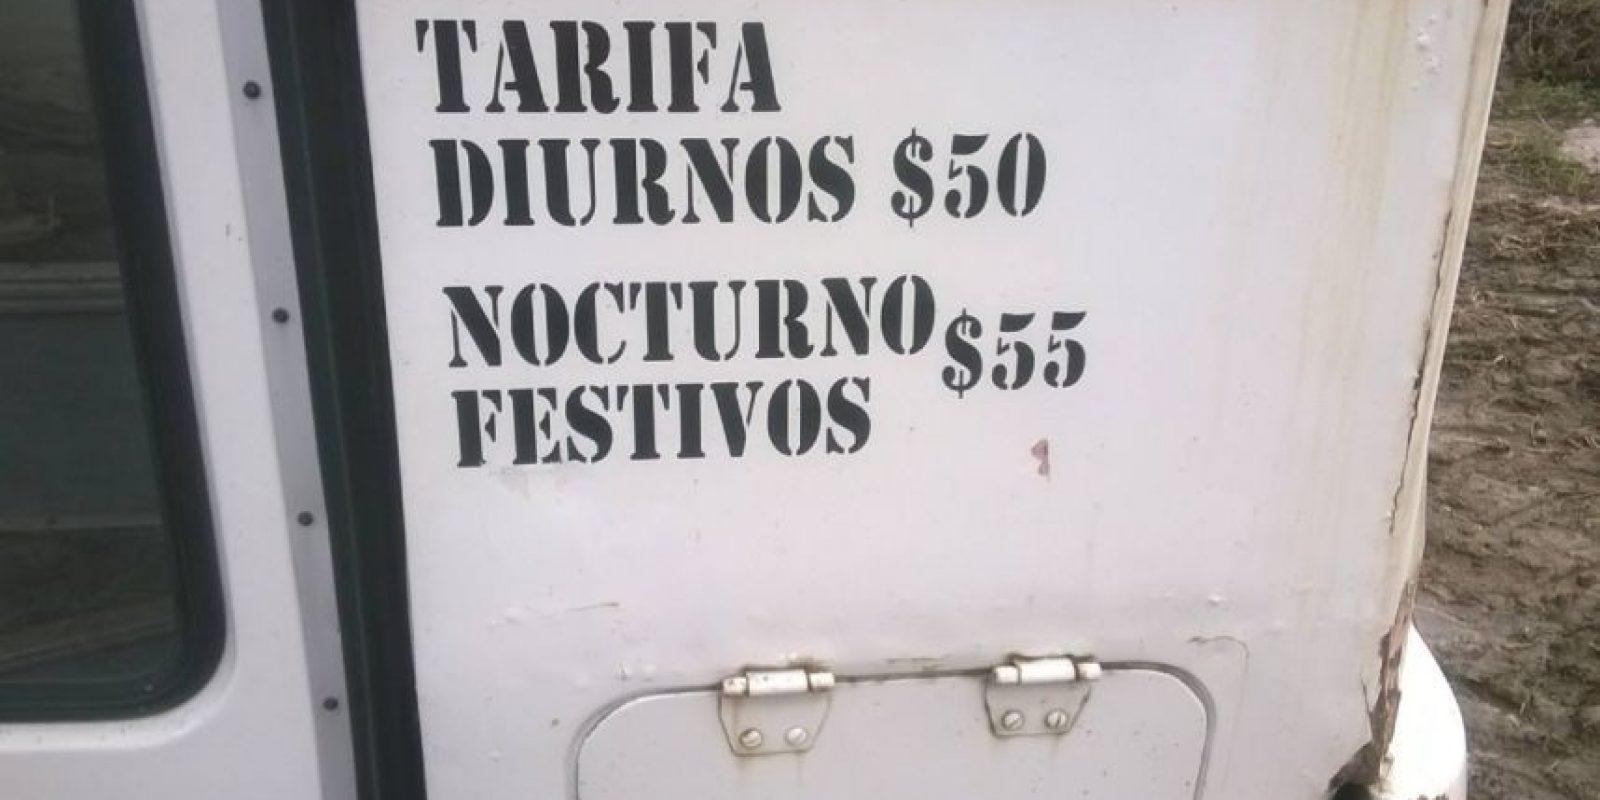 Las tarifas por viajar en los trolebuses. Foto:Facebook / Fotos Antiguas de Bogotá